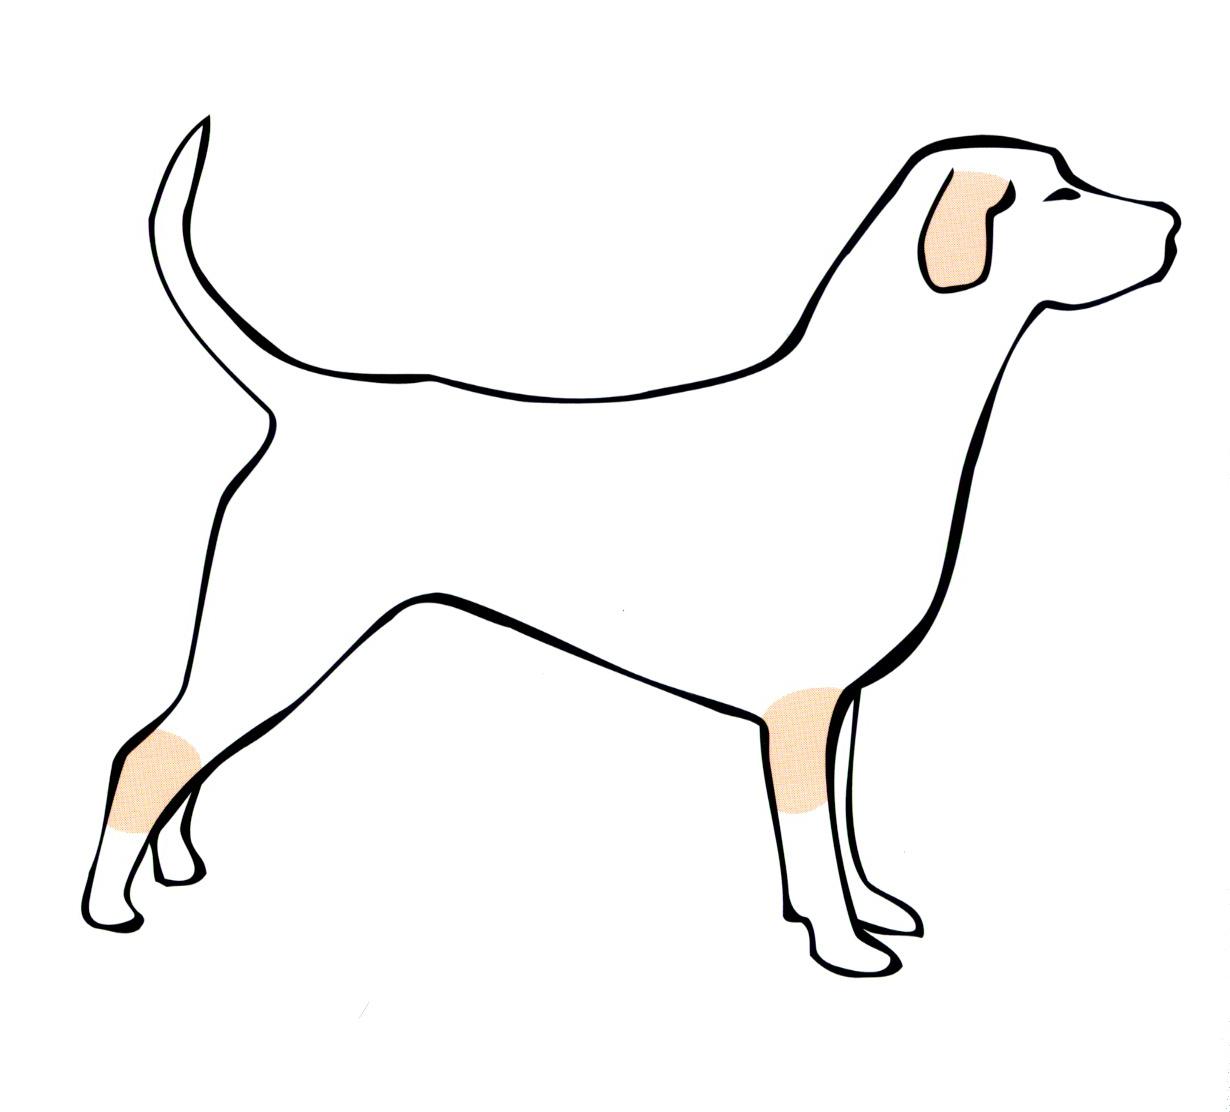 Кожные заболевания собак — как выглядят, чем лечить 24